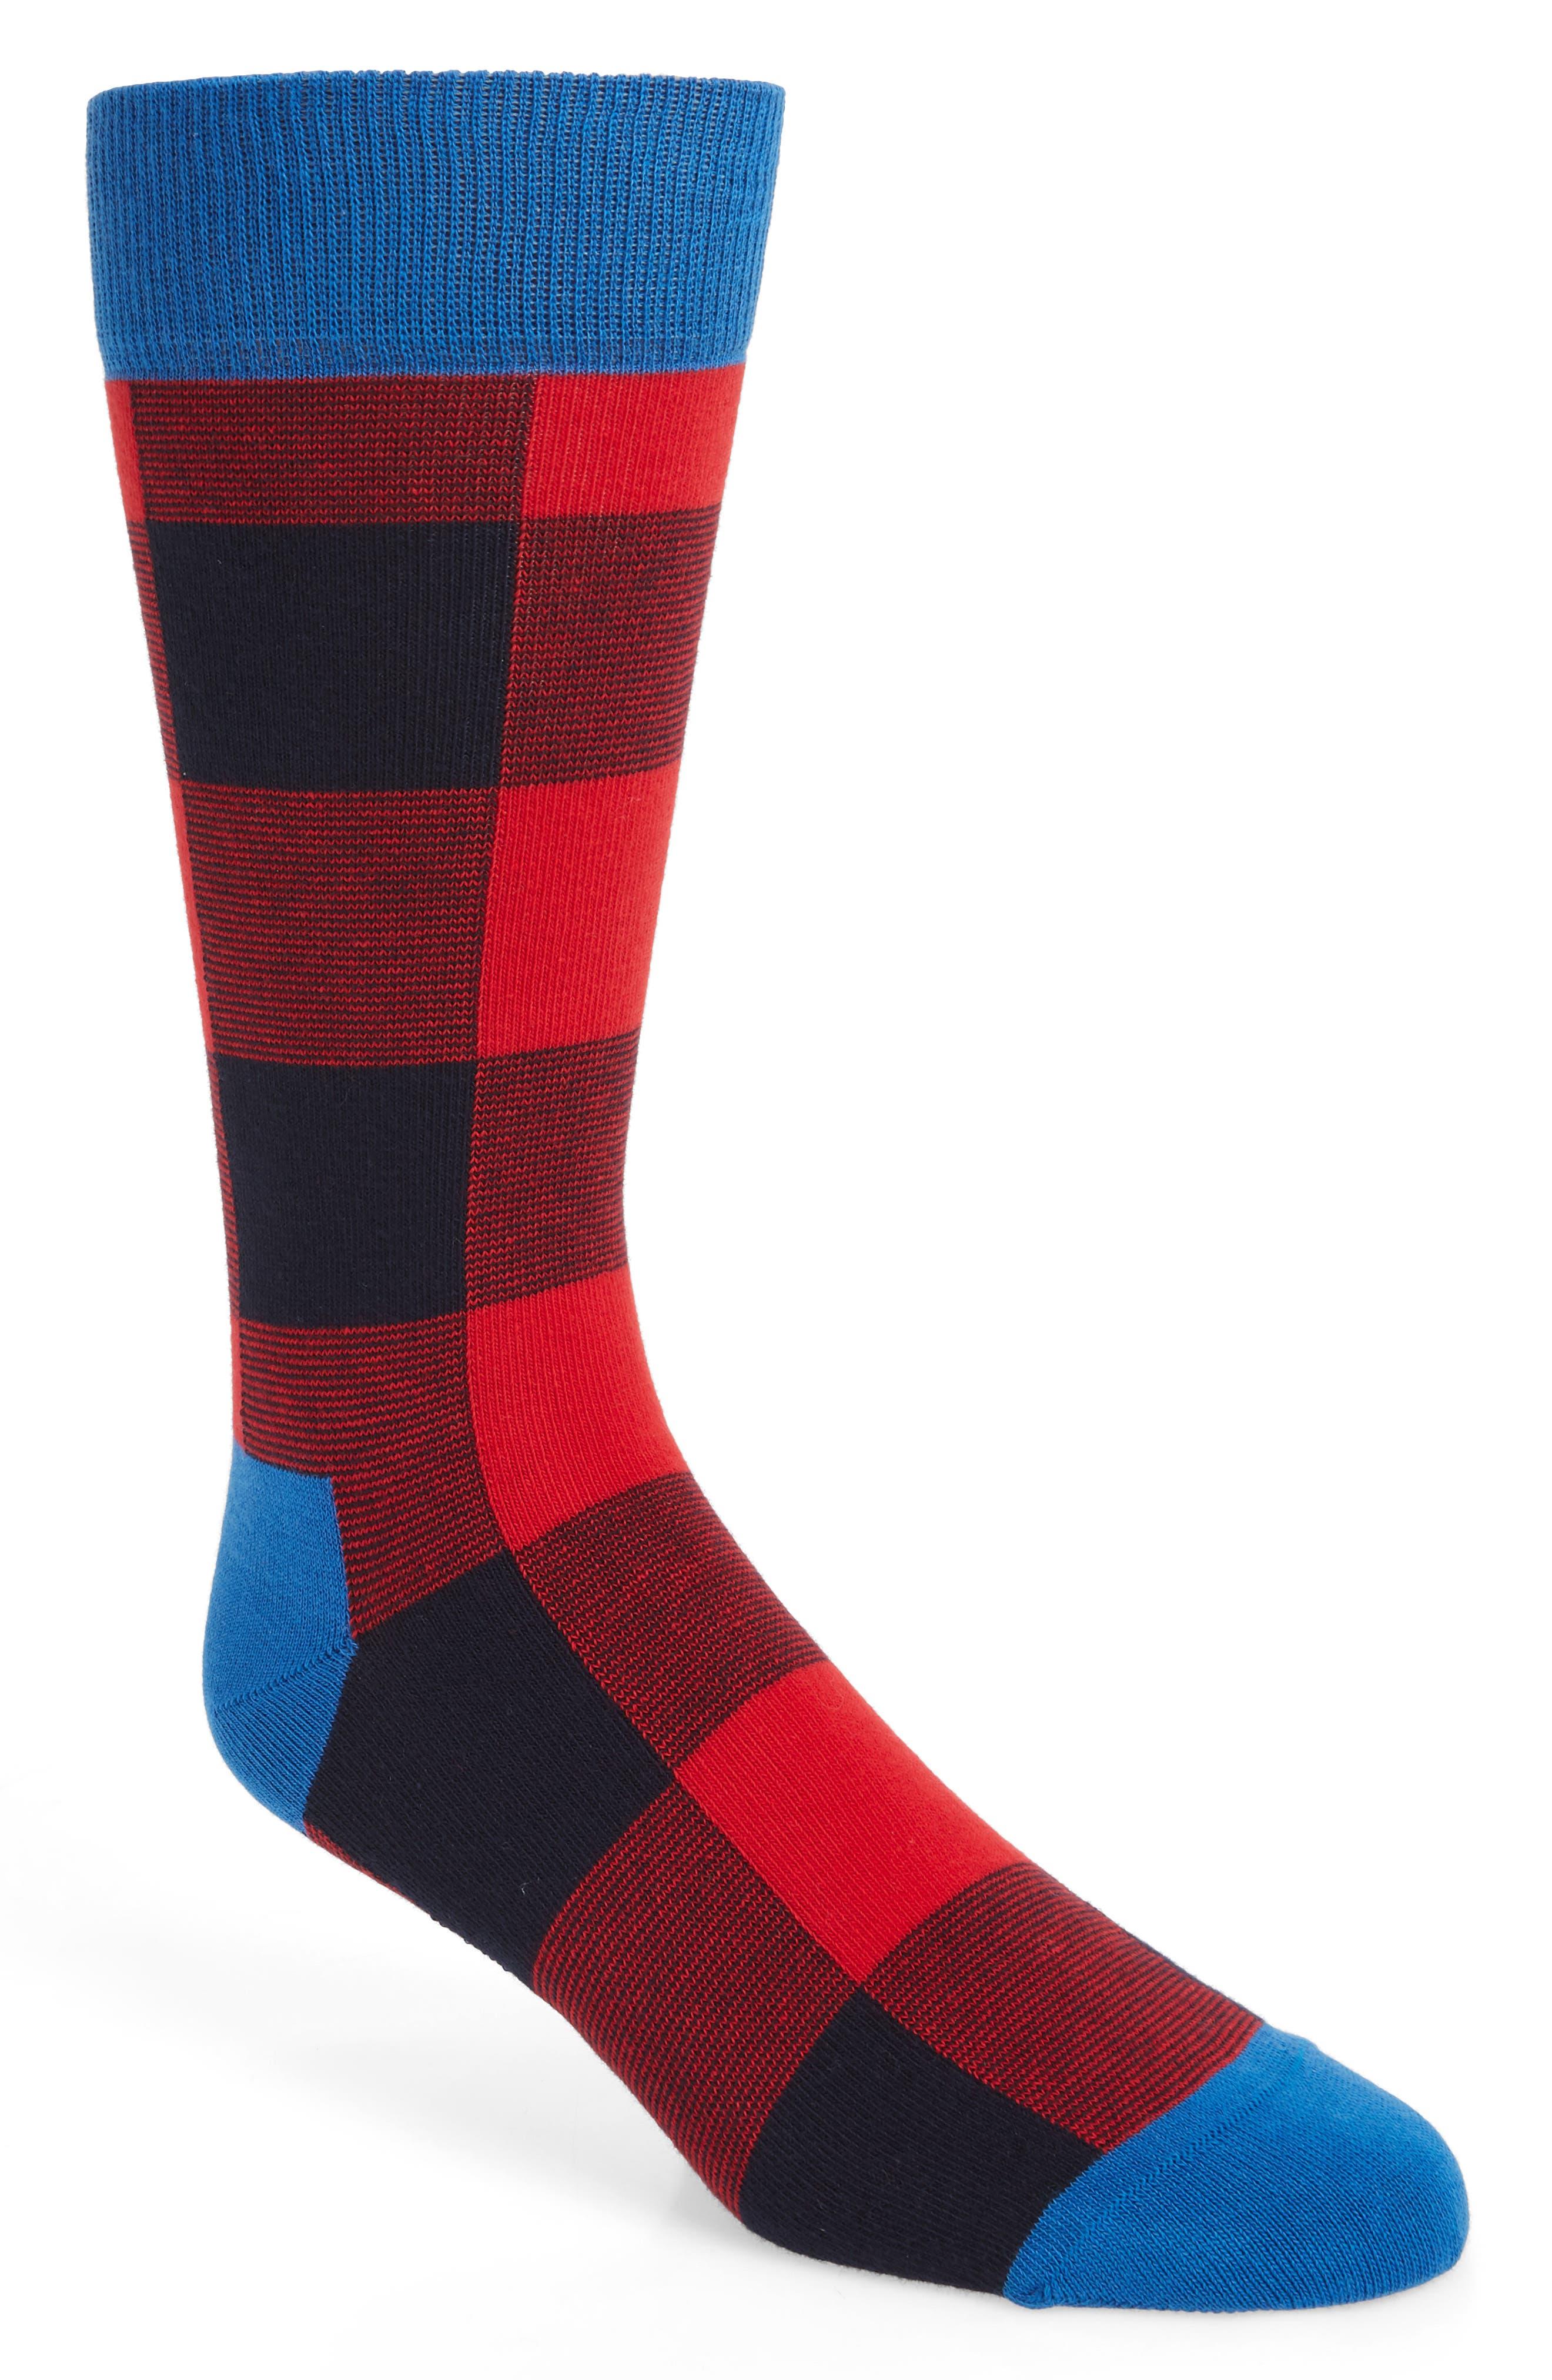 HAPPY SOCKS Lumberjack Check Socks in Red